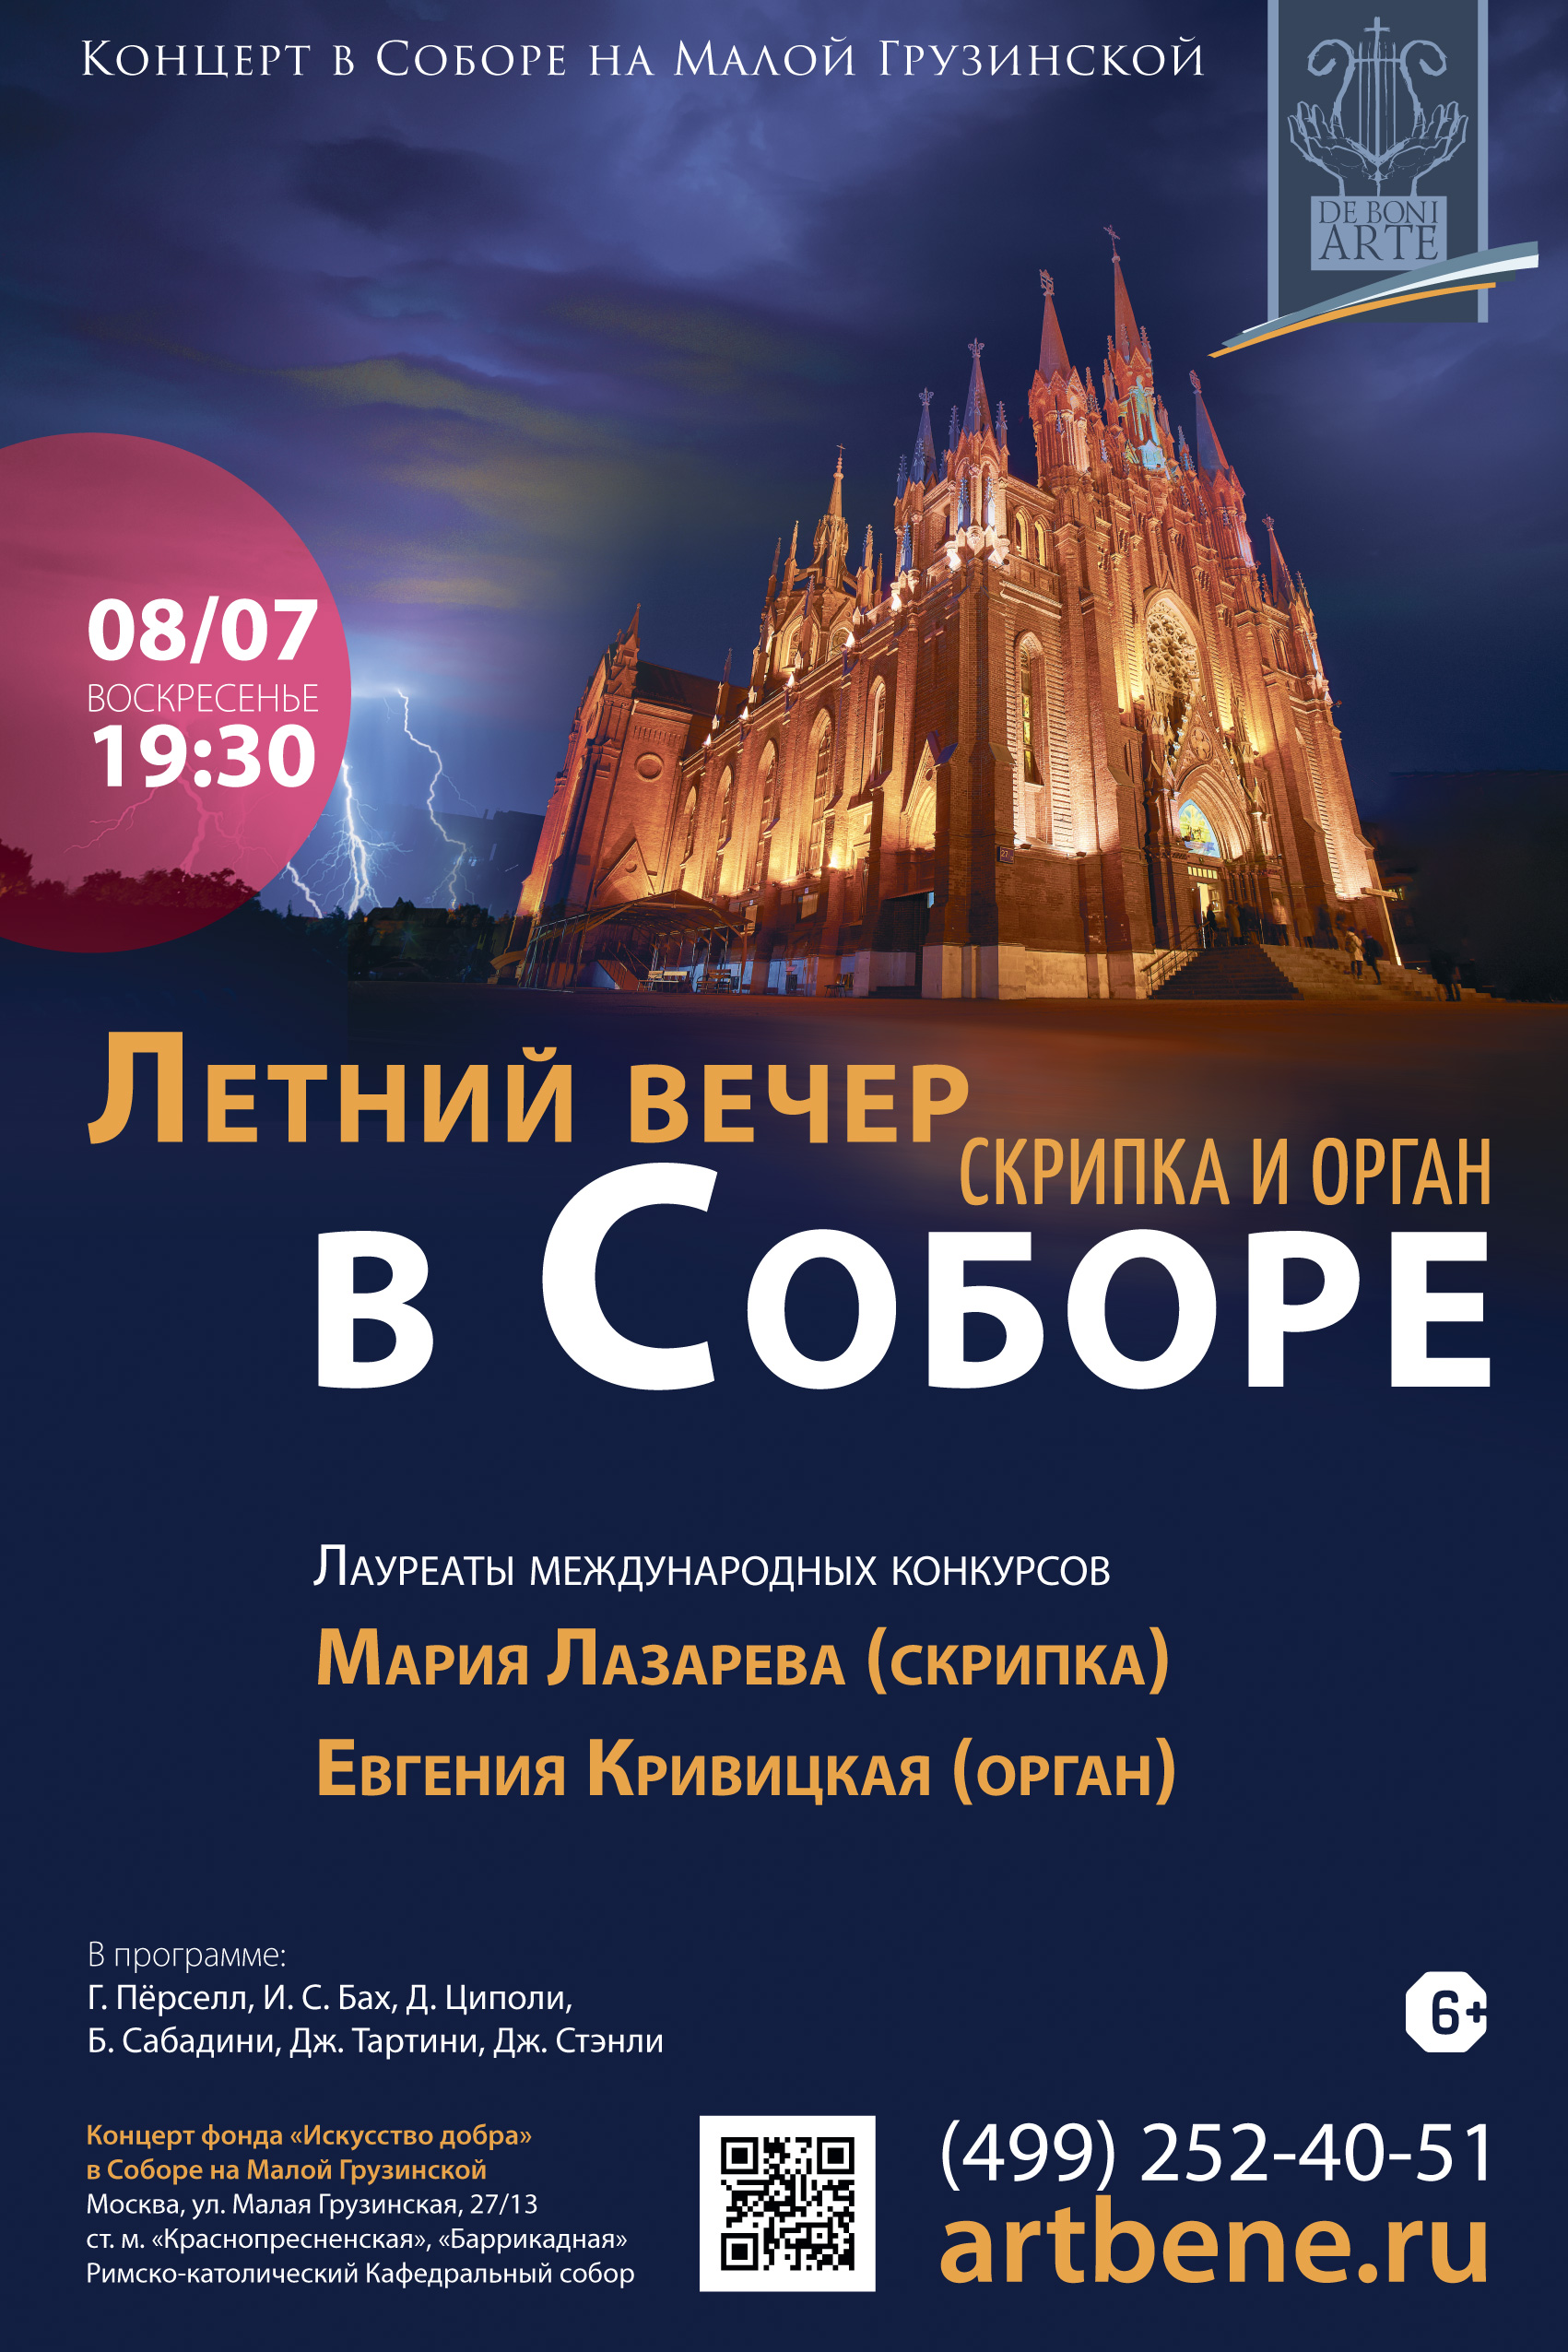 Концерт «Летний вечер в Соборе. Скрипка и орган. Гроза и нежность» – события на сайте «Московские Сезоны»